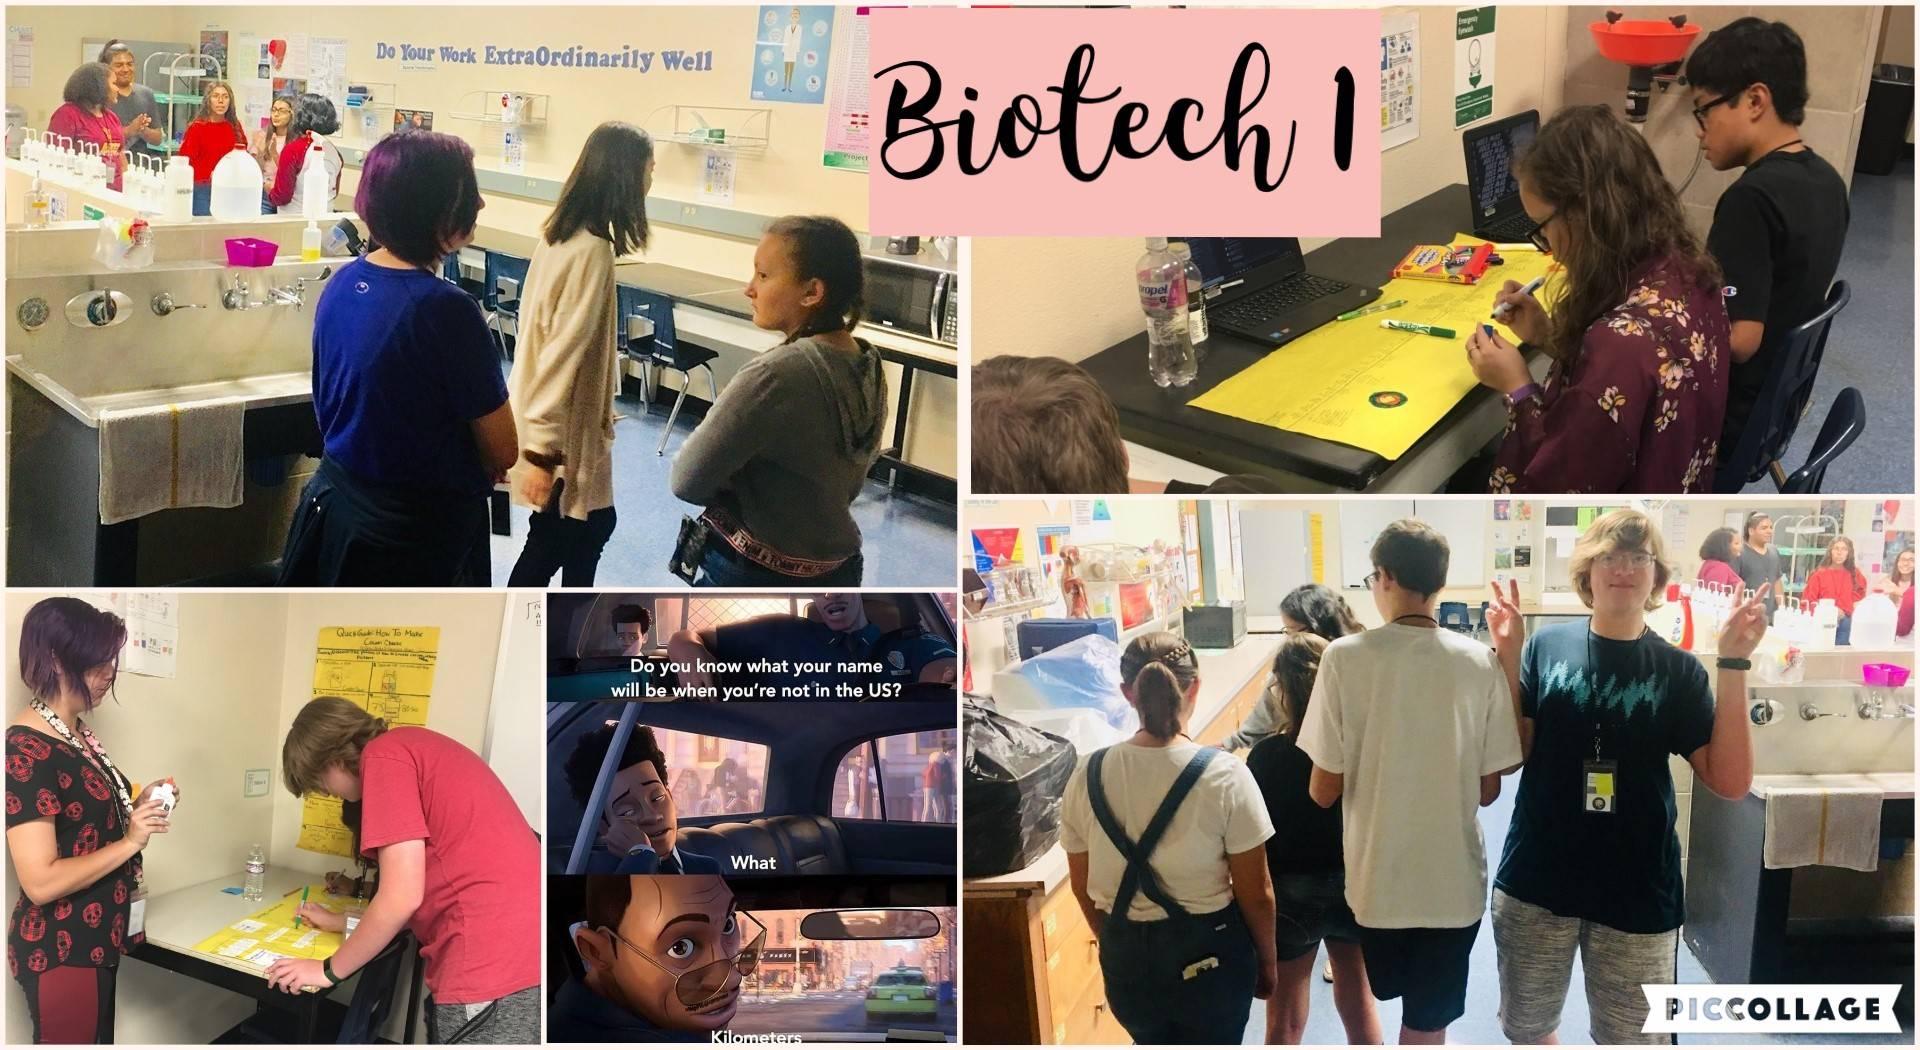 Biotech 2 2018